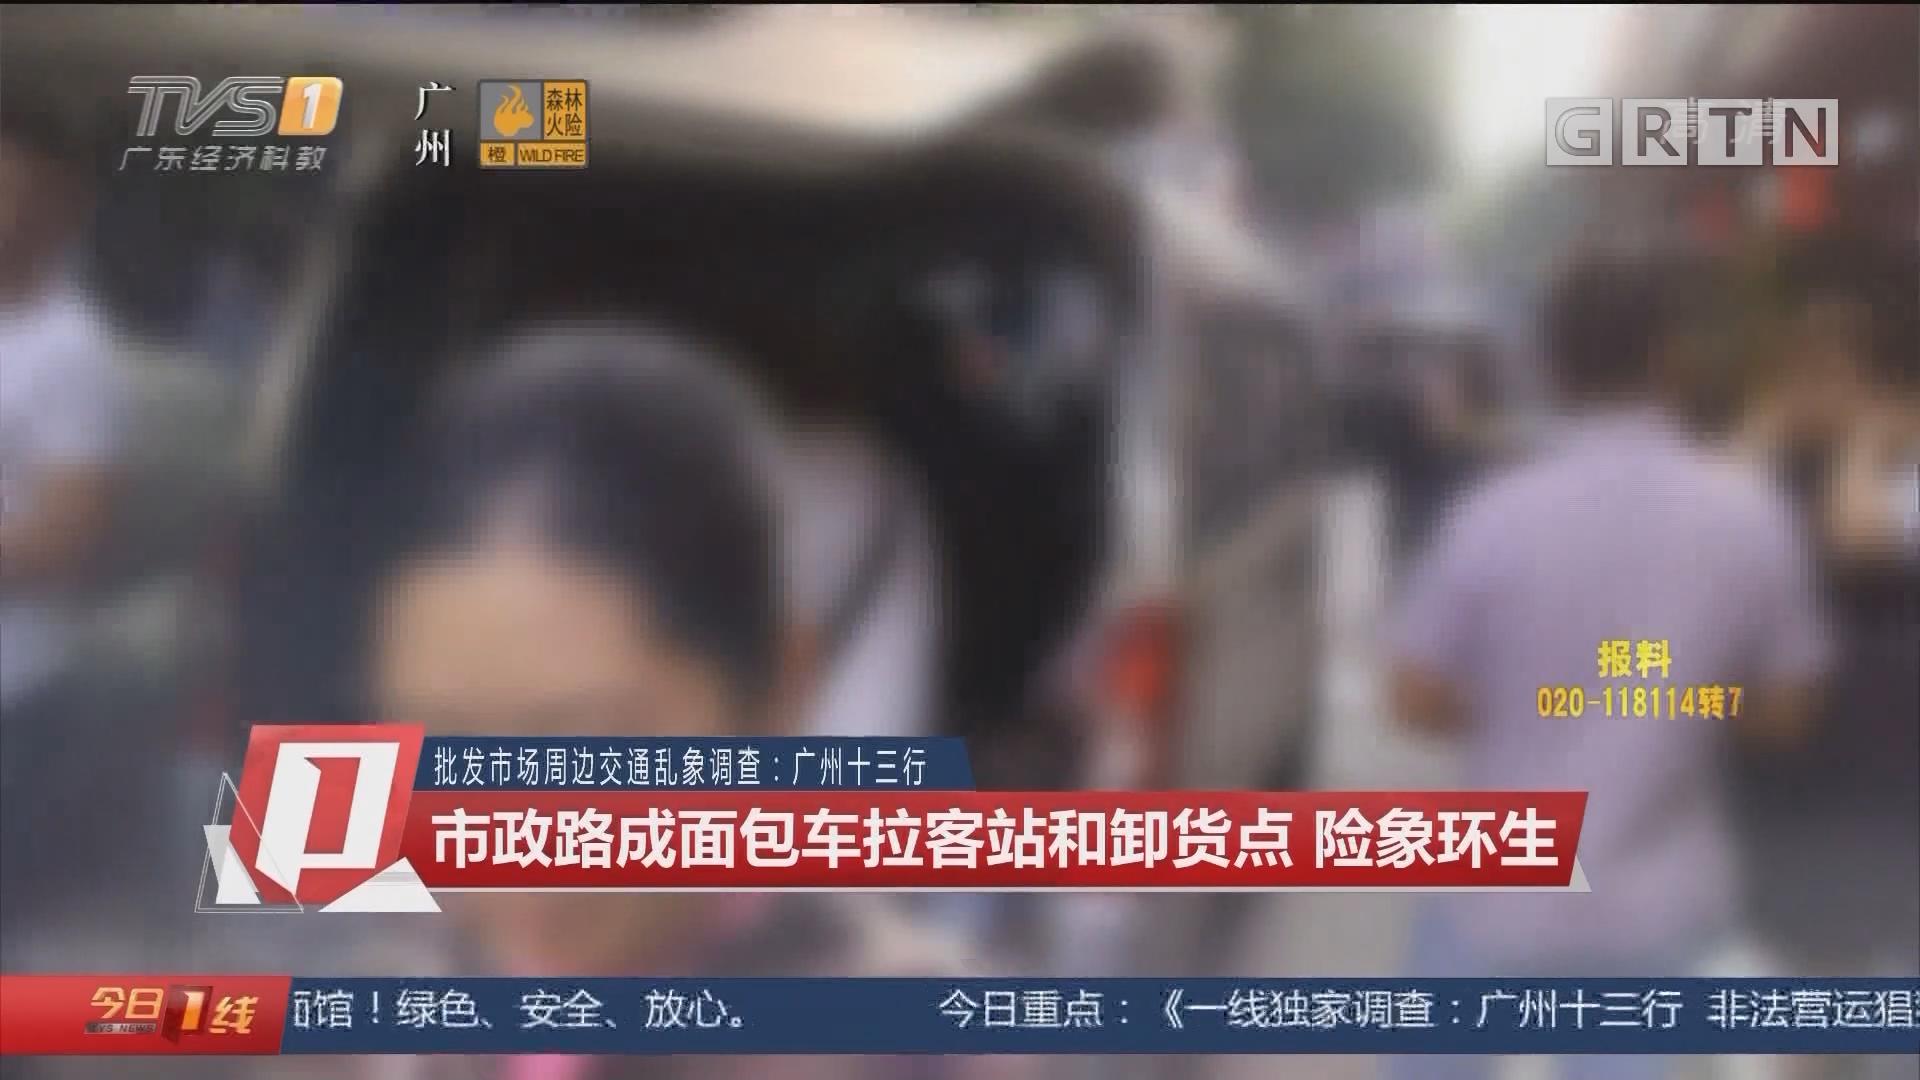 批发市场周边交通乱象调查:广州十三行 市政路成面包车拉客站和卸货点 险象环生